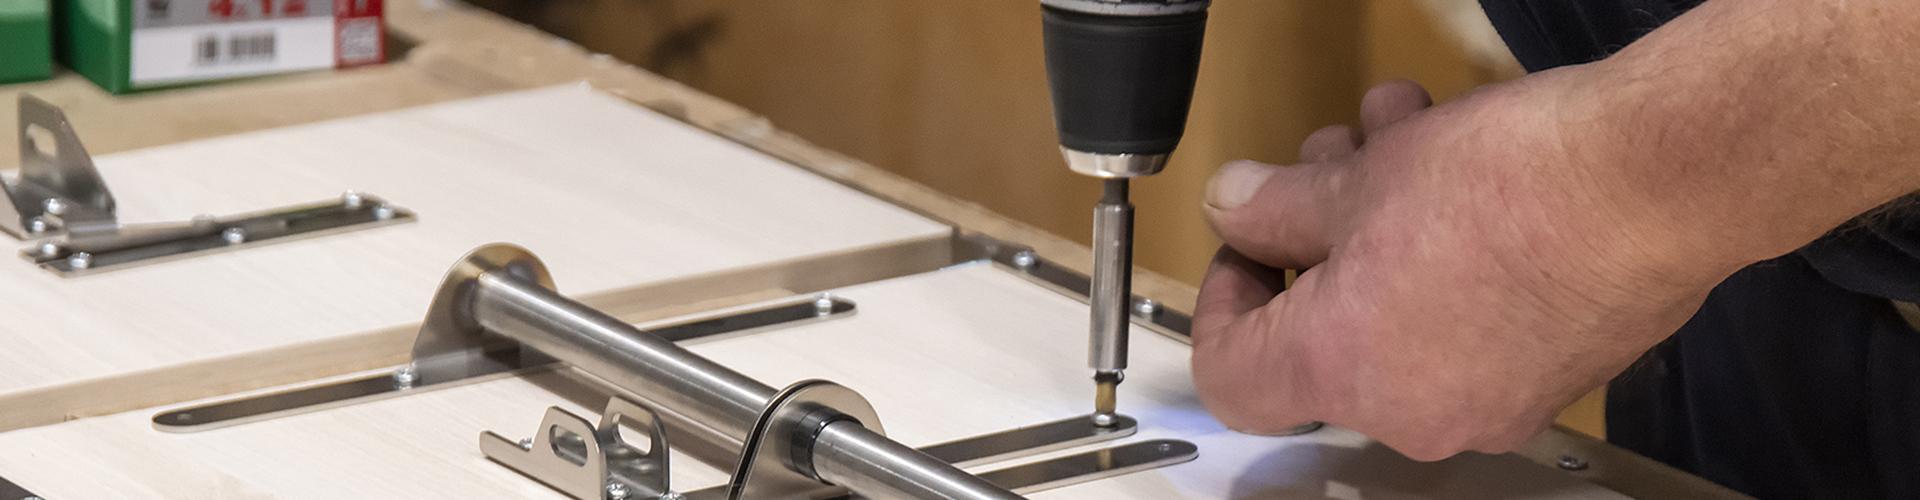 Bilde av hender som monterer et møbel